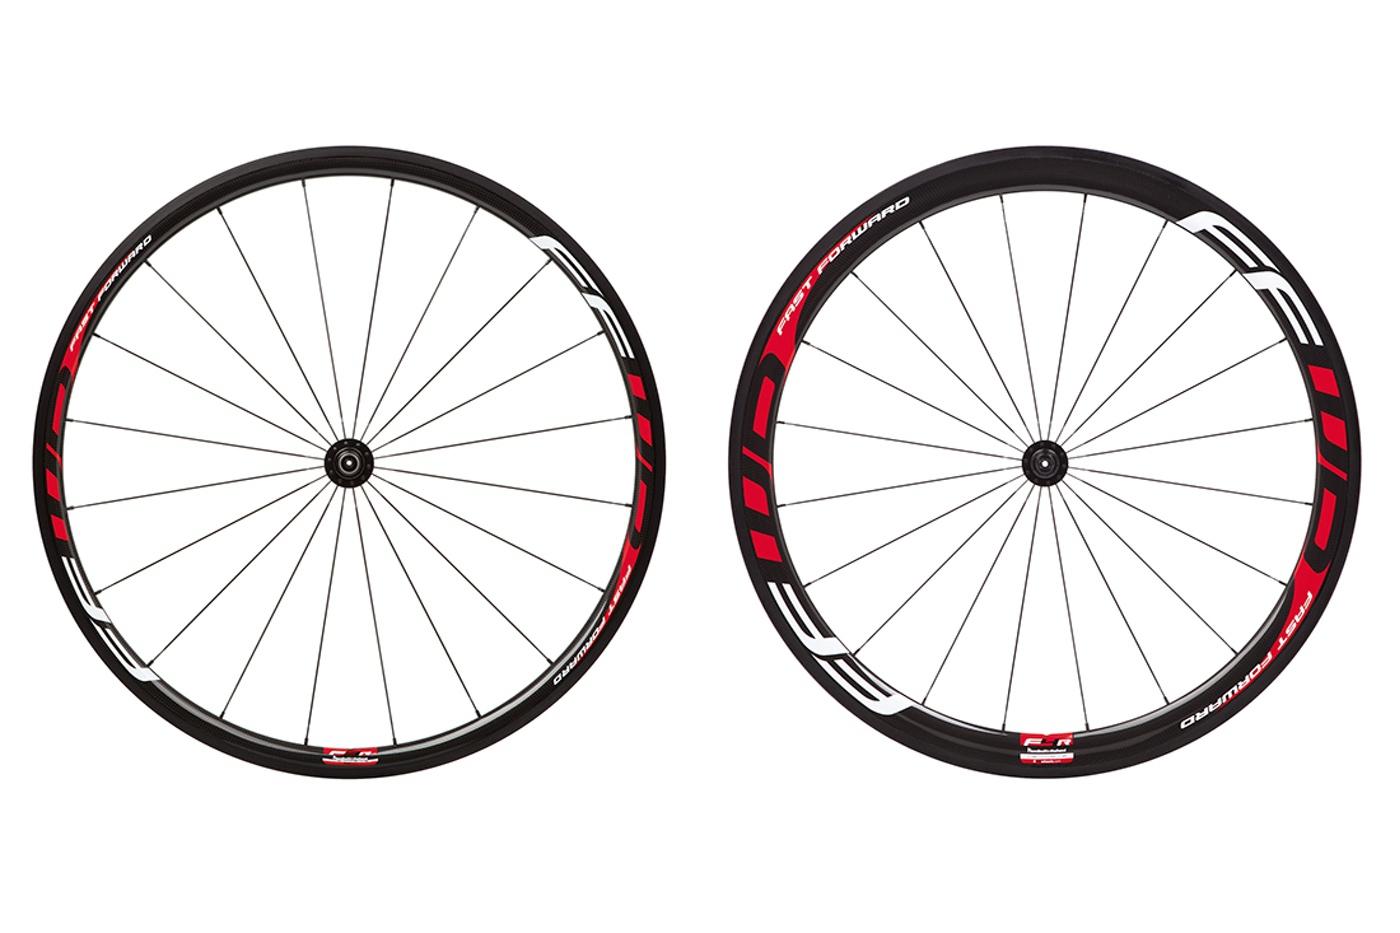 Precios más económicos para las ruedas FFWD F3 y F4